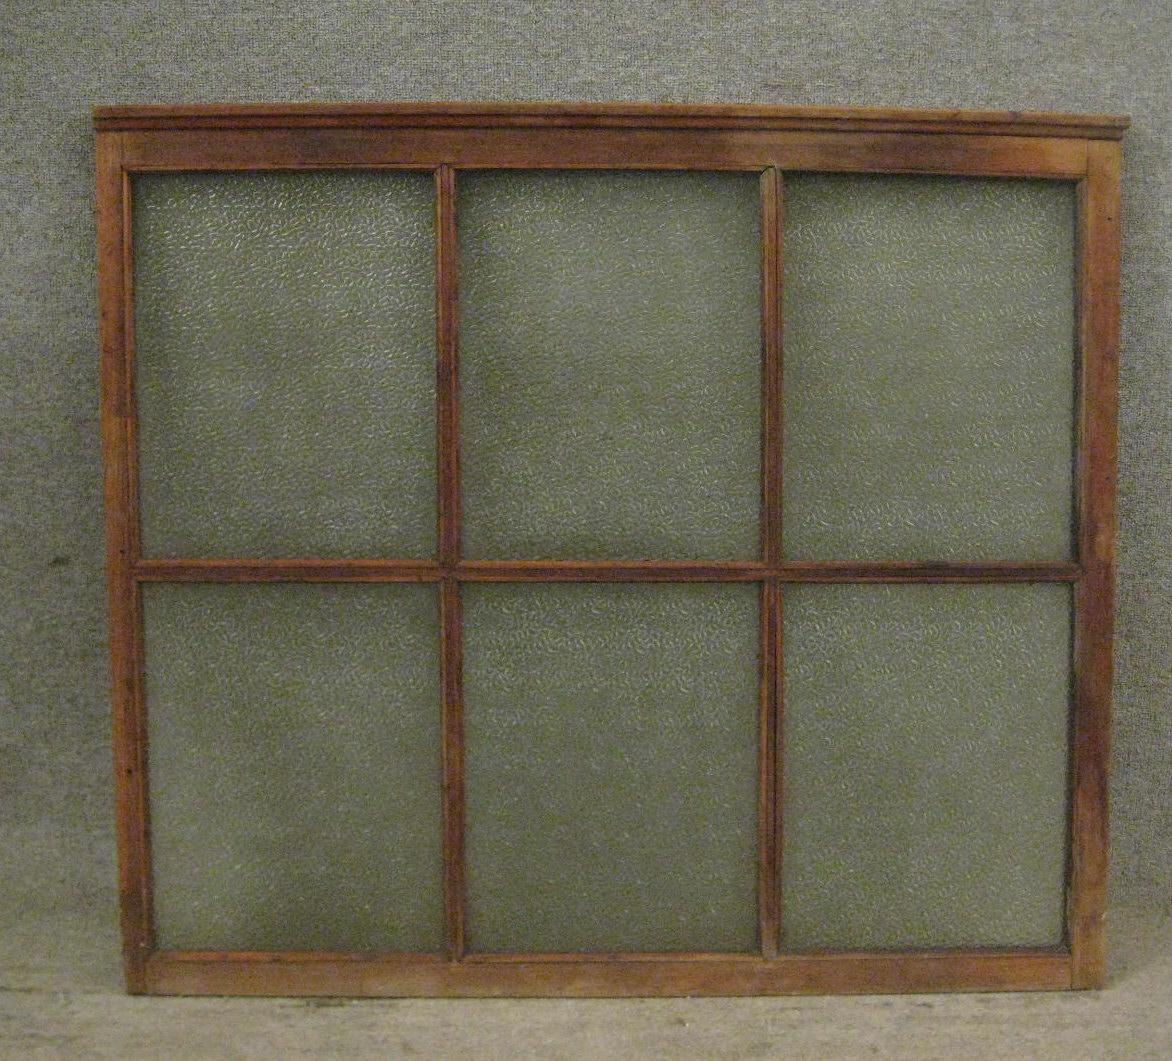 Fenster festverglasung einfachglas gebraucht bremen for Fenster gebraucht